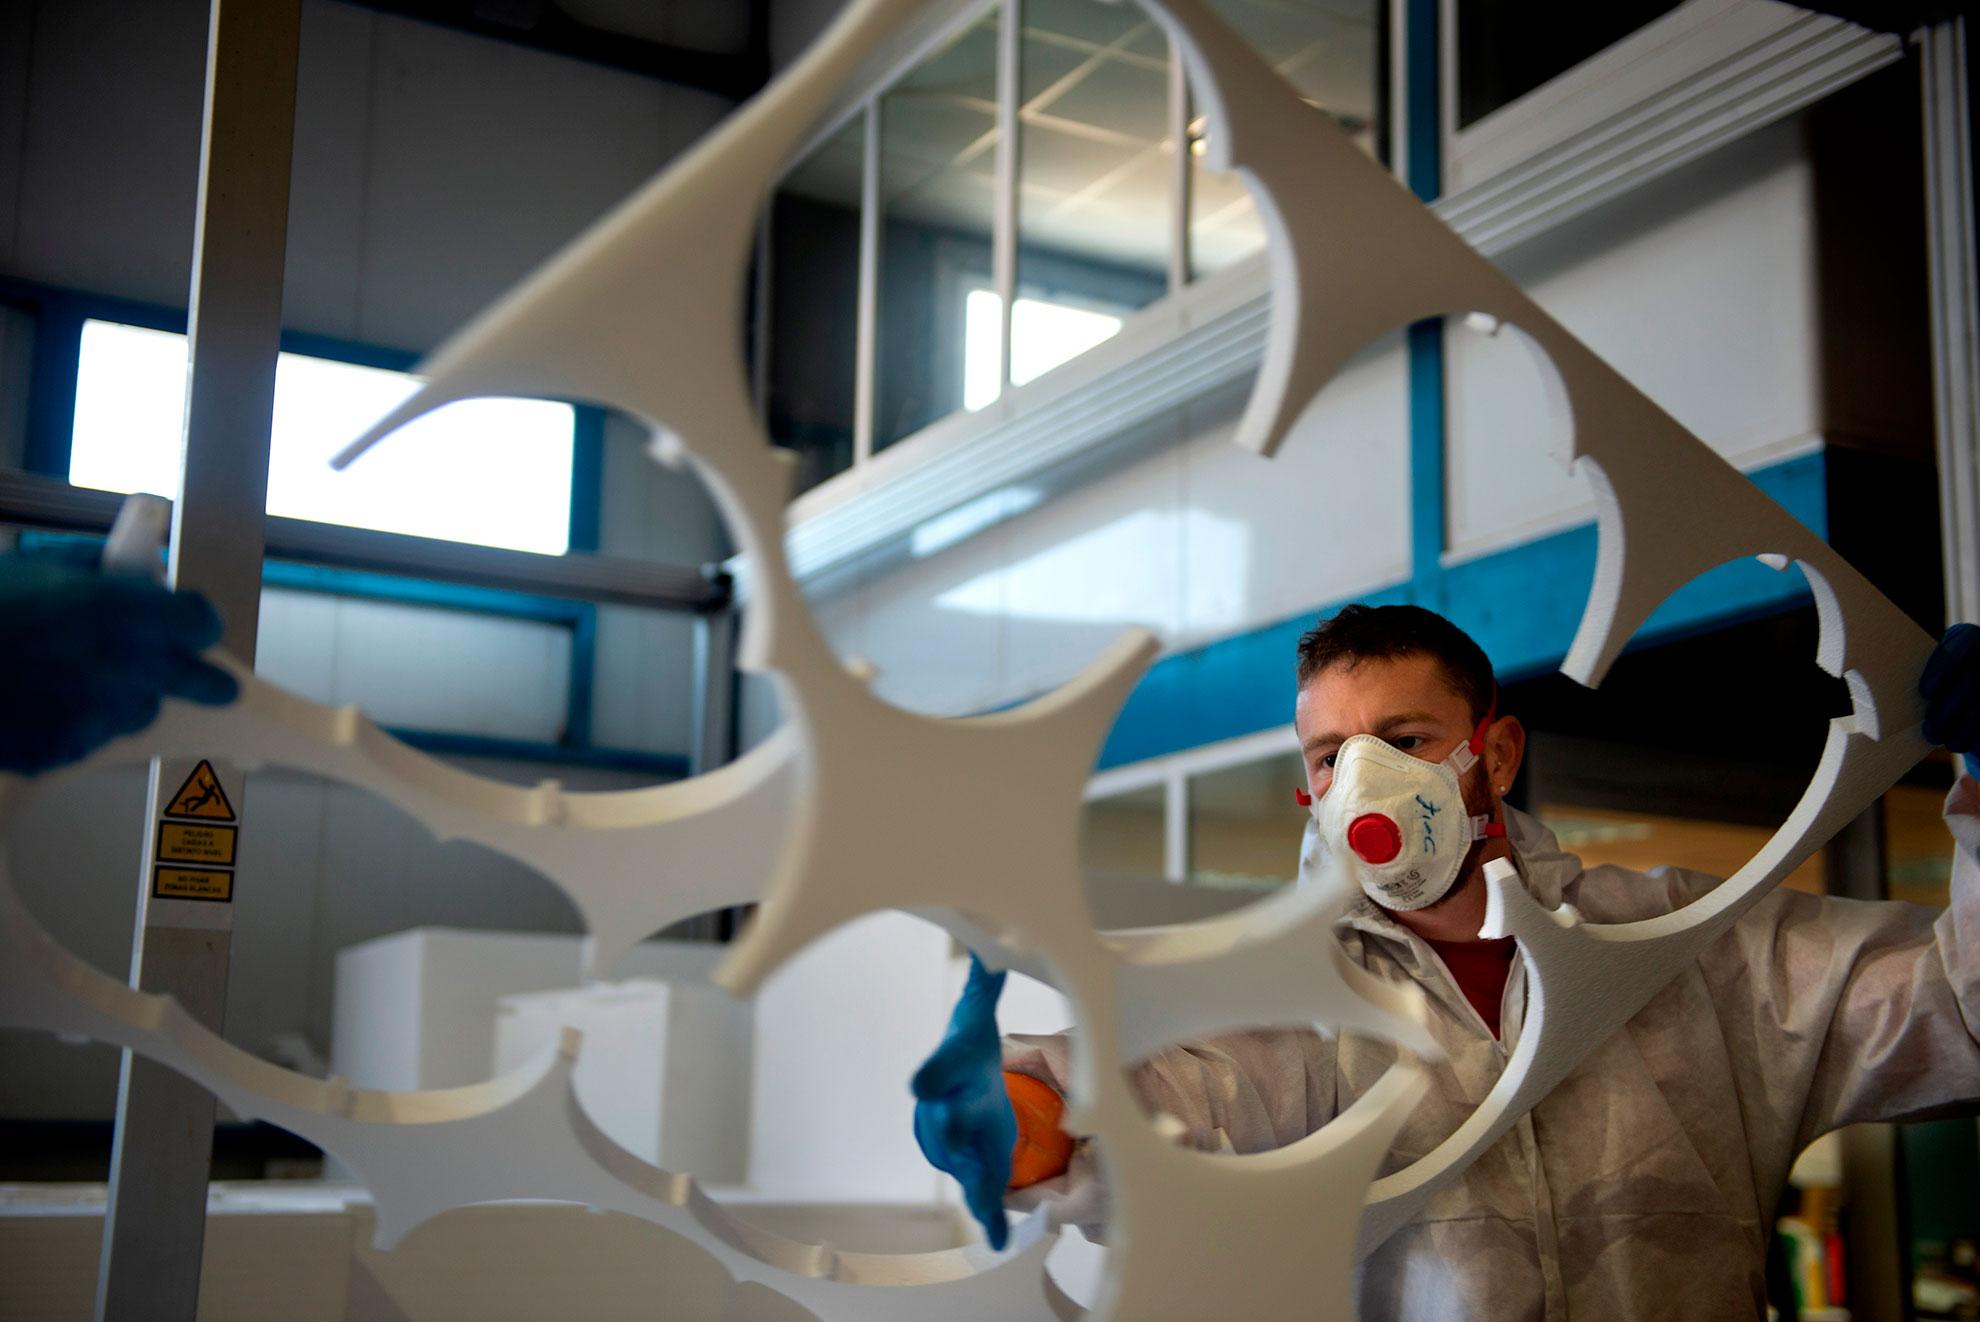 Tecmolde es una empresa ubicada en Loporzano, un pequeño pueblo de Huesca, dedicada a la fabricación de escenografías. Sus trabajos han aparecido en la serie Juego de Tronos o la película Lo imposible. Cuando comenzó la crisis del covid-19 pararon la producción de sus proyectos para dedicarse únicamente a la fabricación de máscaras sanitarias desechables. Fabrican 13.000 al día que se distribuyen a hospitales y centros de salud de toda España. Han compartido el diseño en su página web.